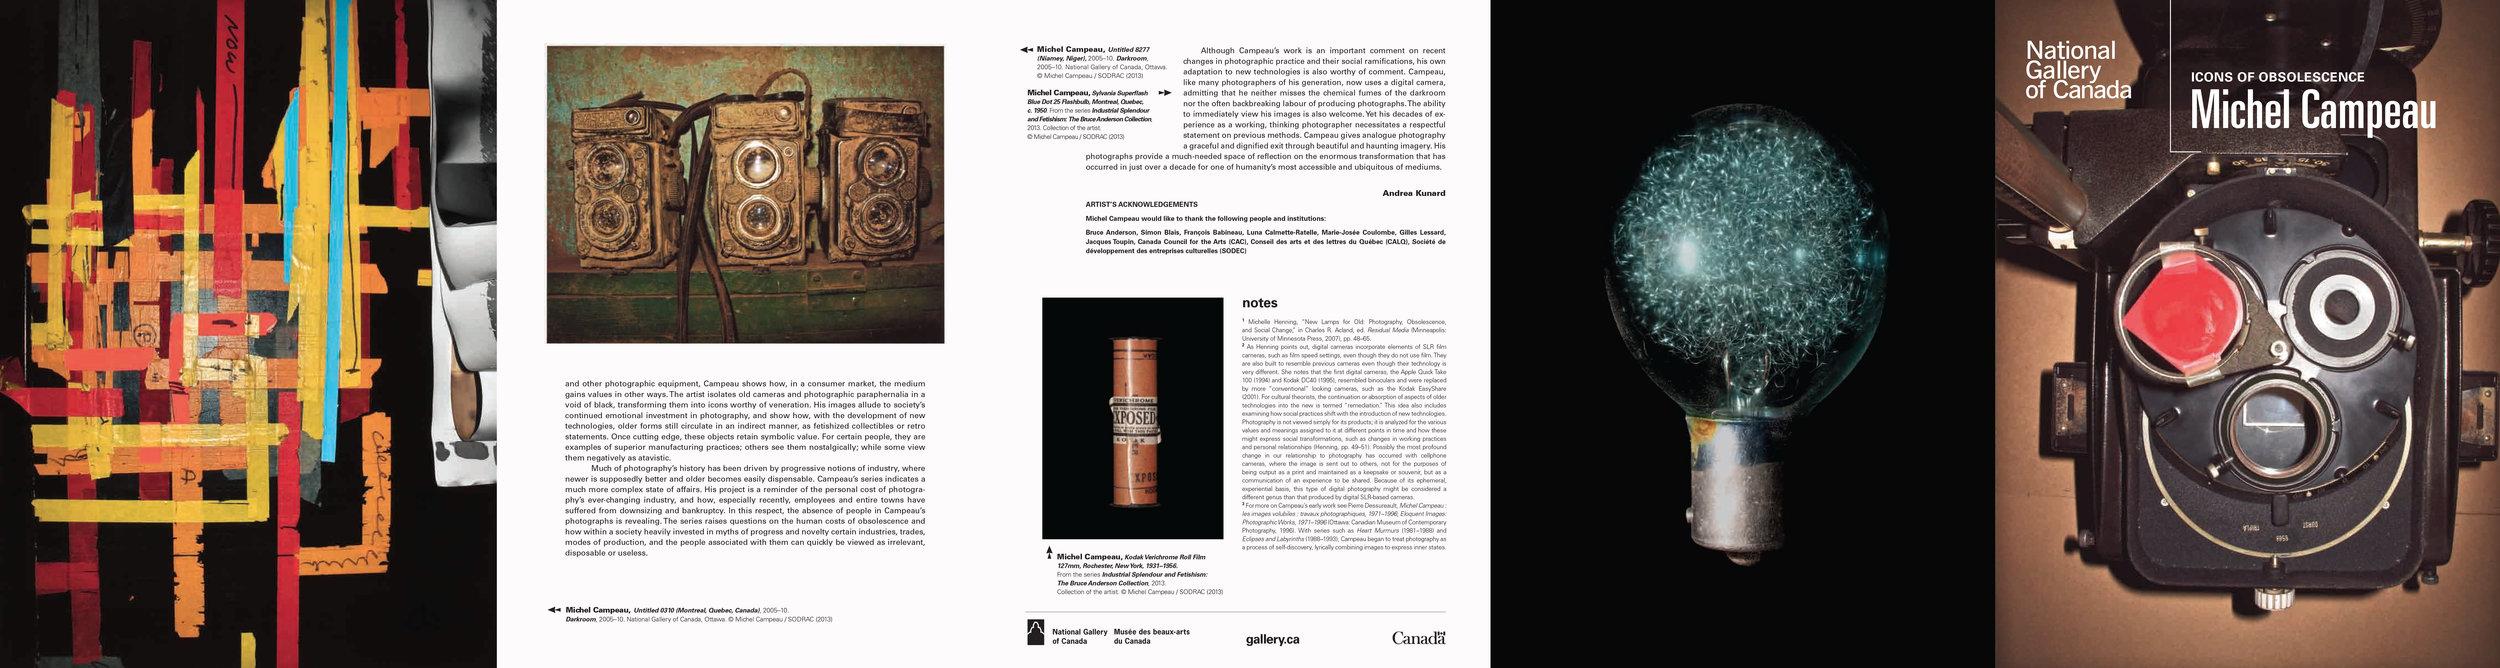 Version française du dépliant de l'exposition  Michel Campeau : Icônes de l'obsolescence  Andrea Kunard, Musée des Beaux-Arts du Canada, Ottawa, Ontario, 2013